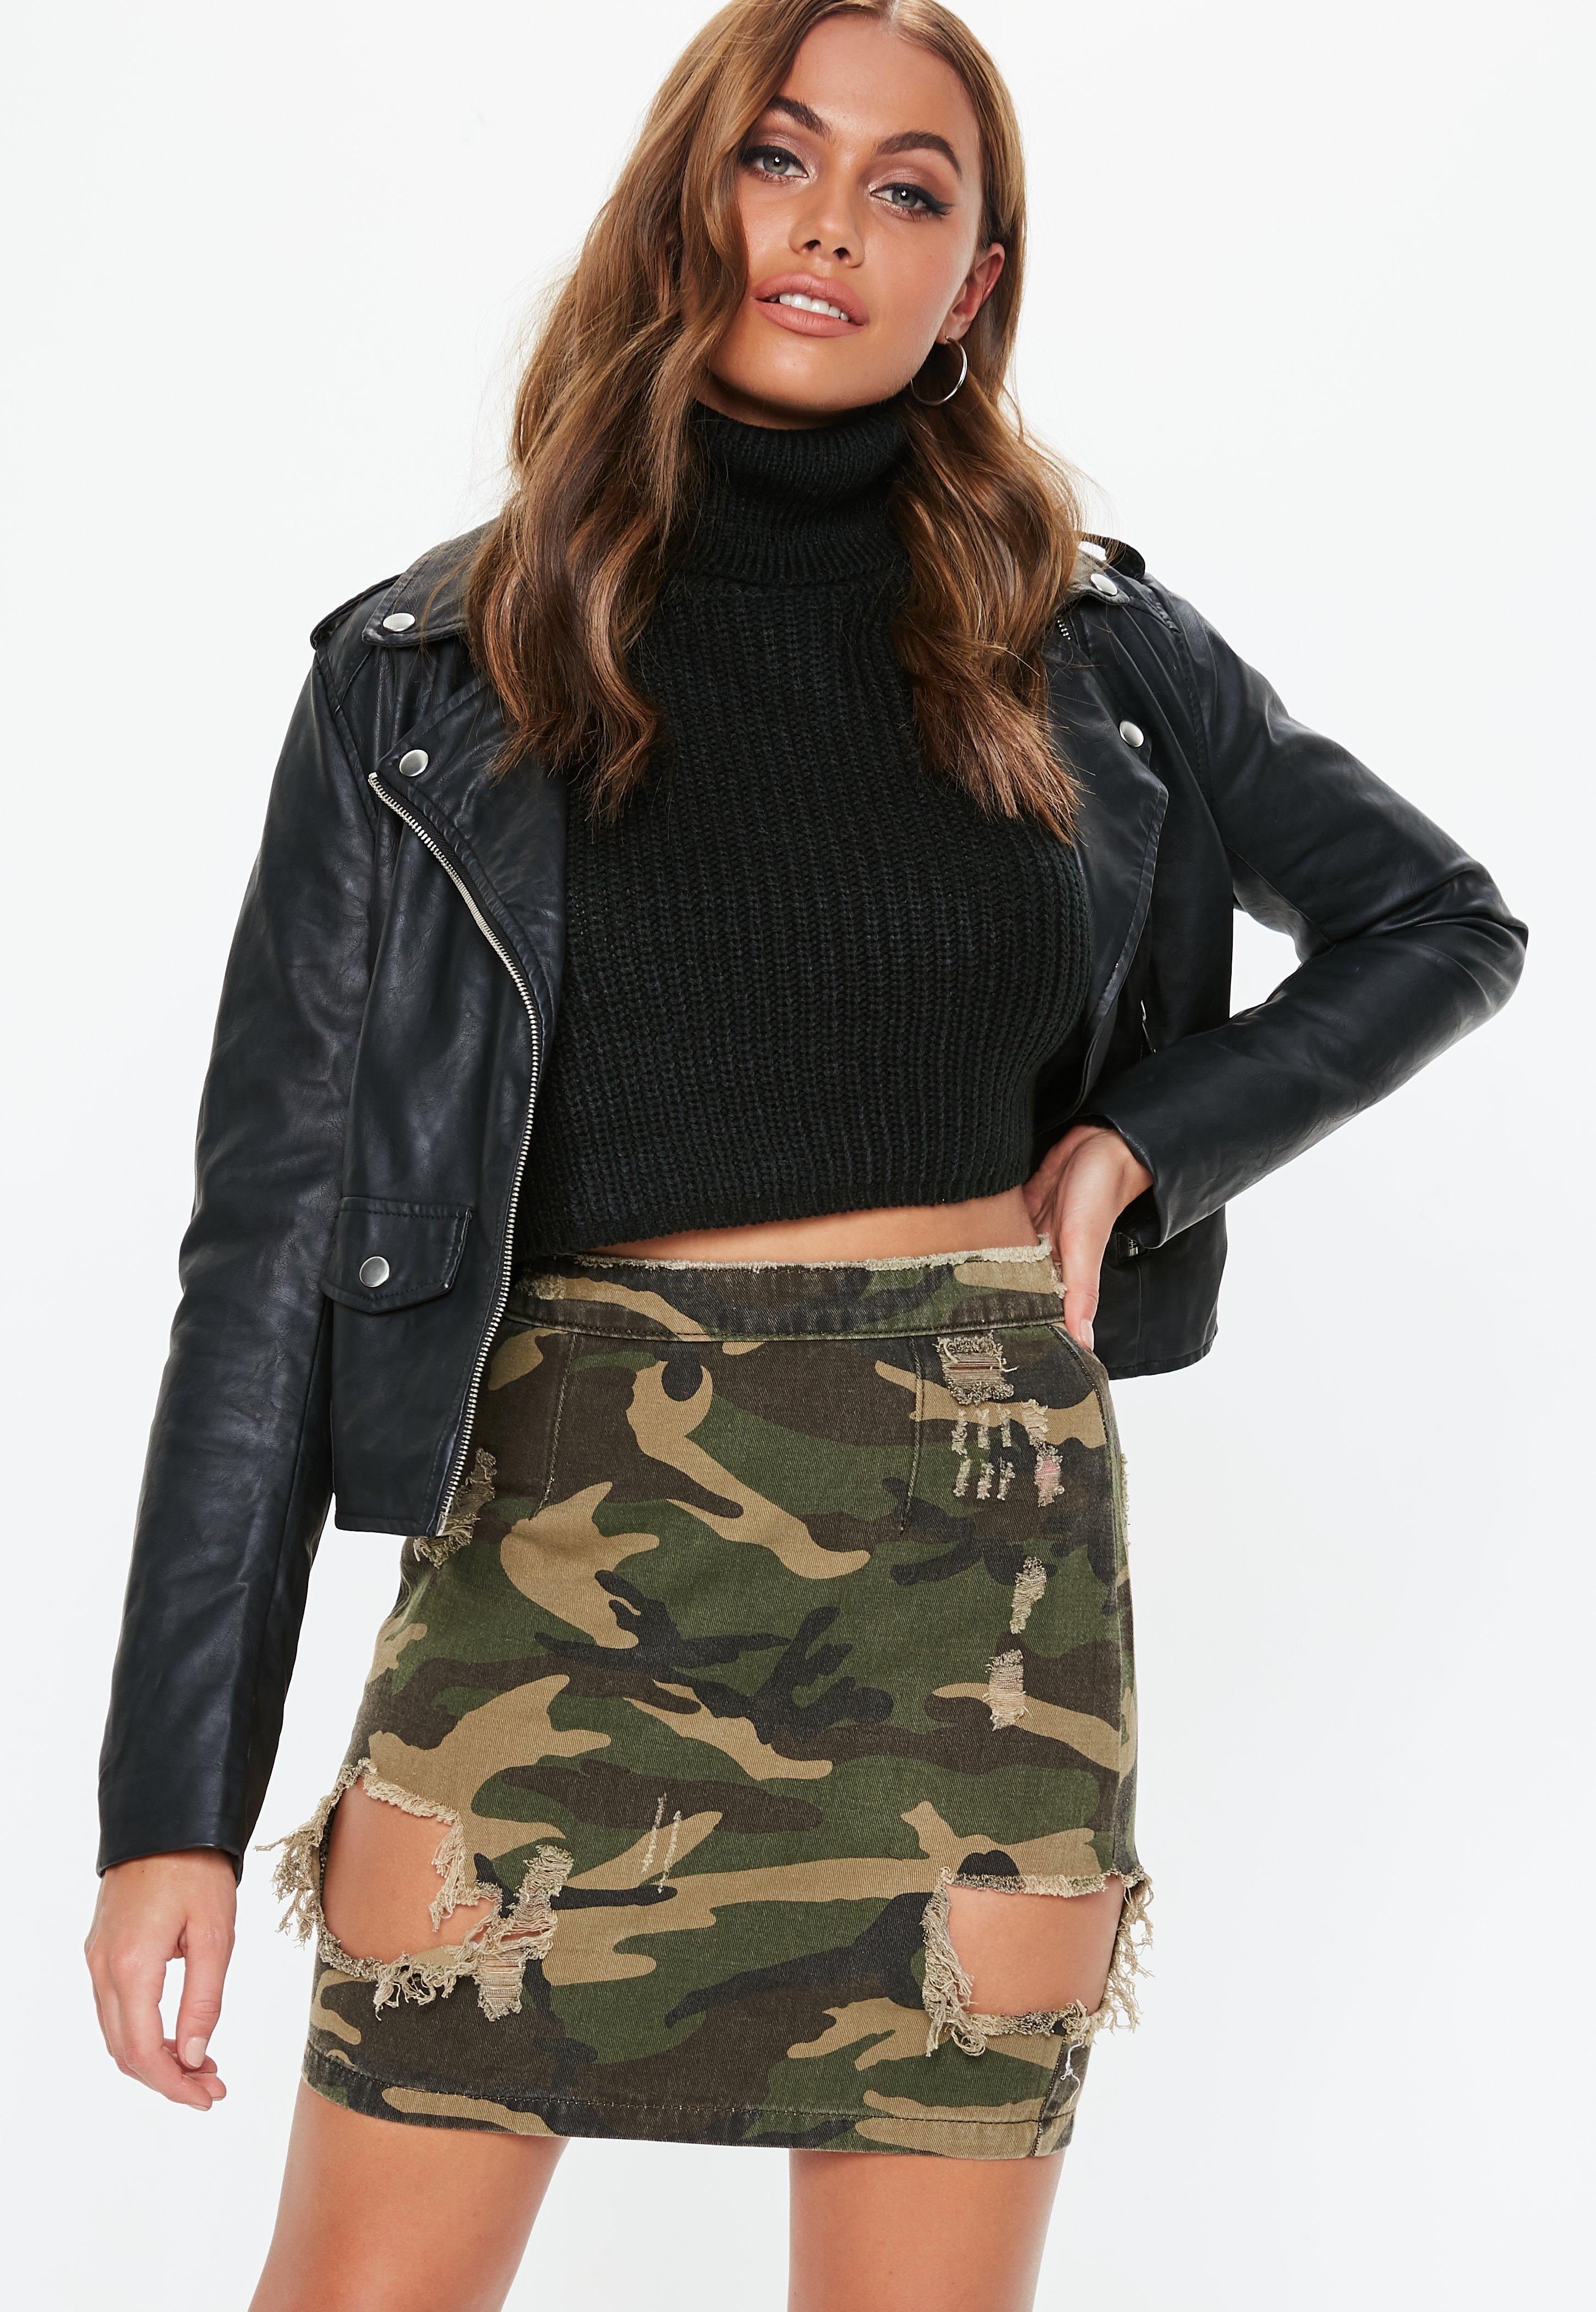 4301d4033b87c6 Missguided Khaki Camo Ripped Denim Mini Skirt - Save 52% - Lyst